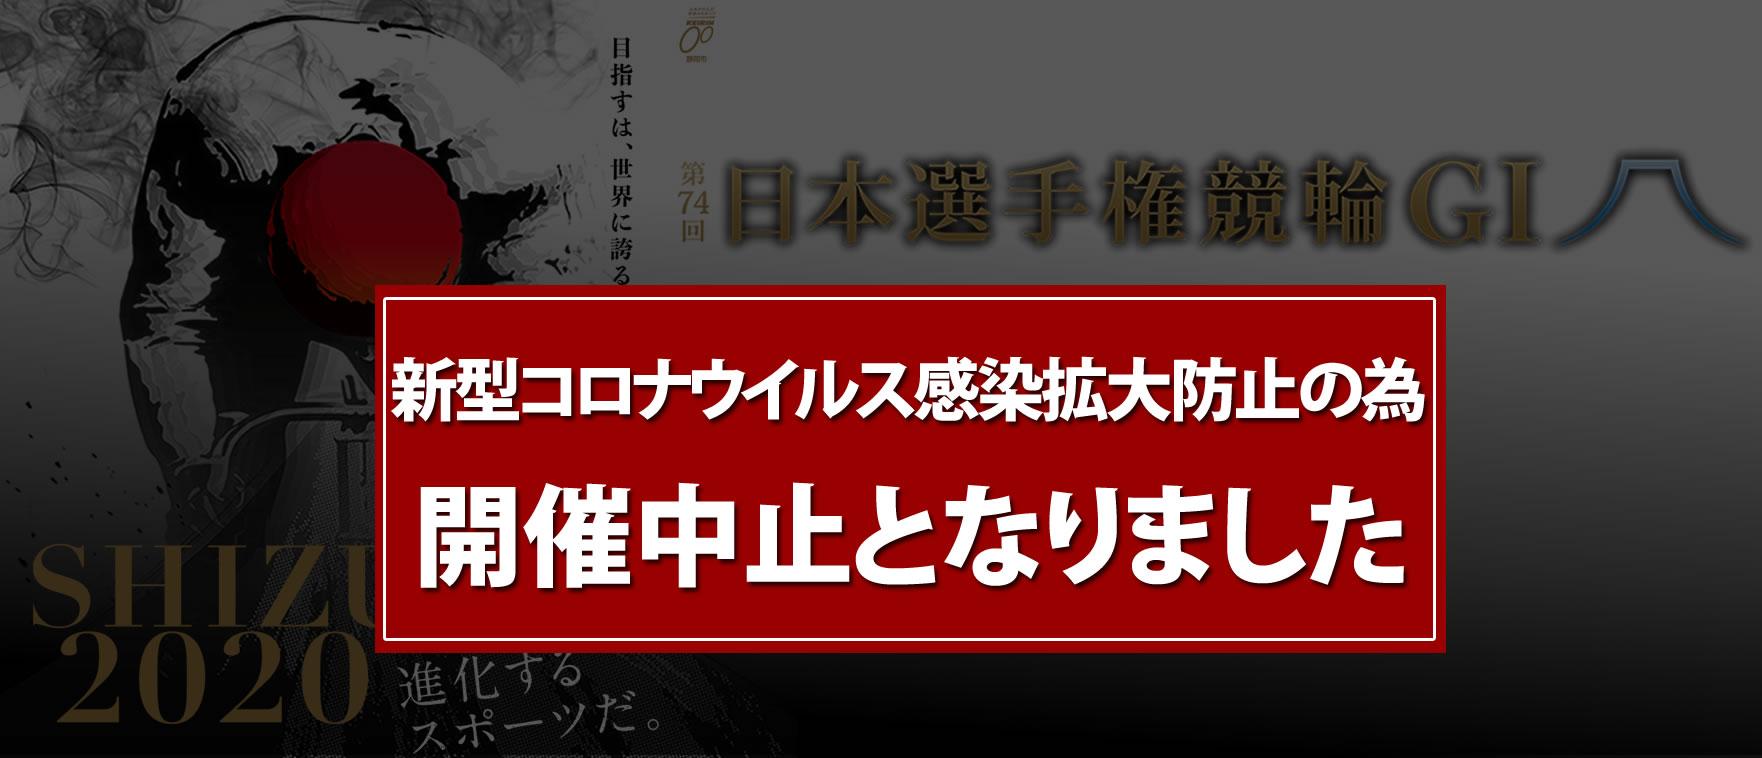 静岡競輪 G1 日本選手権競輪が開催中止